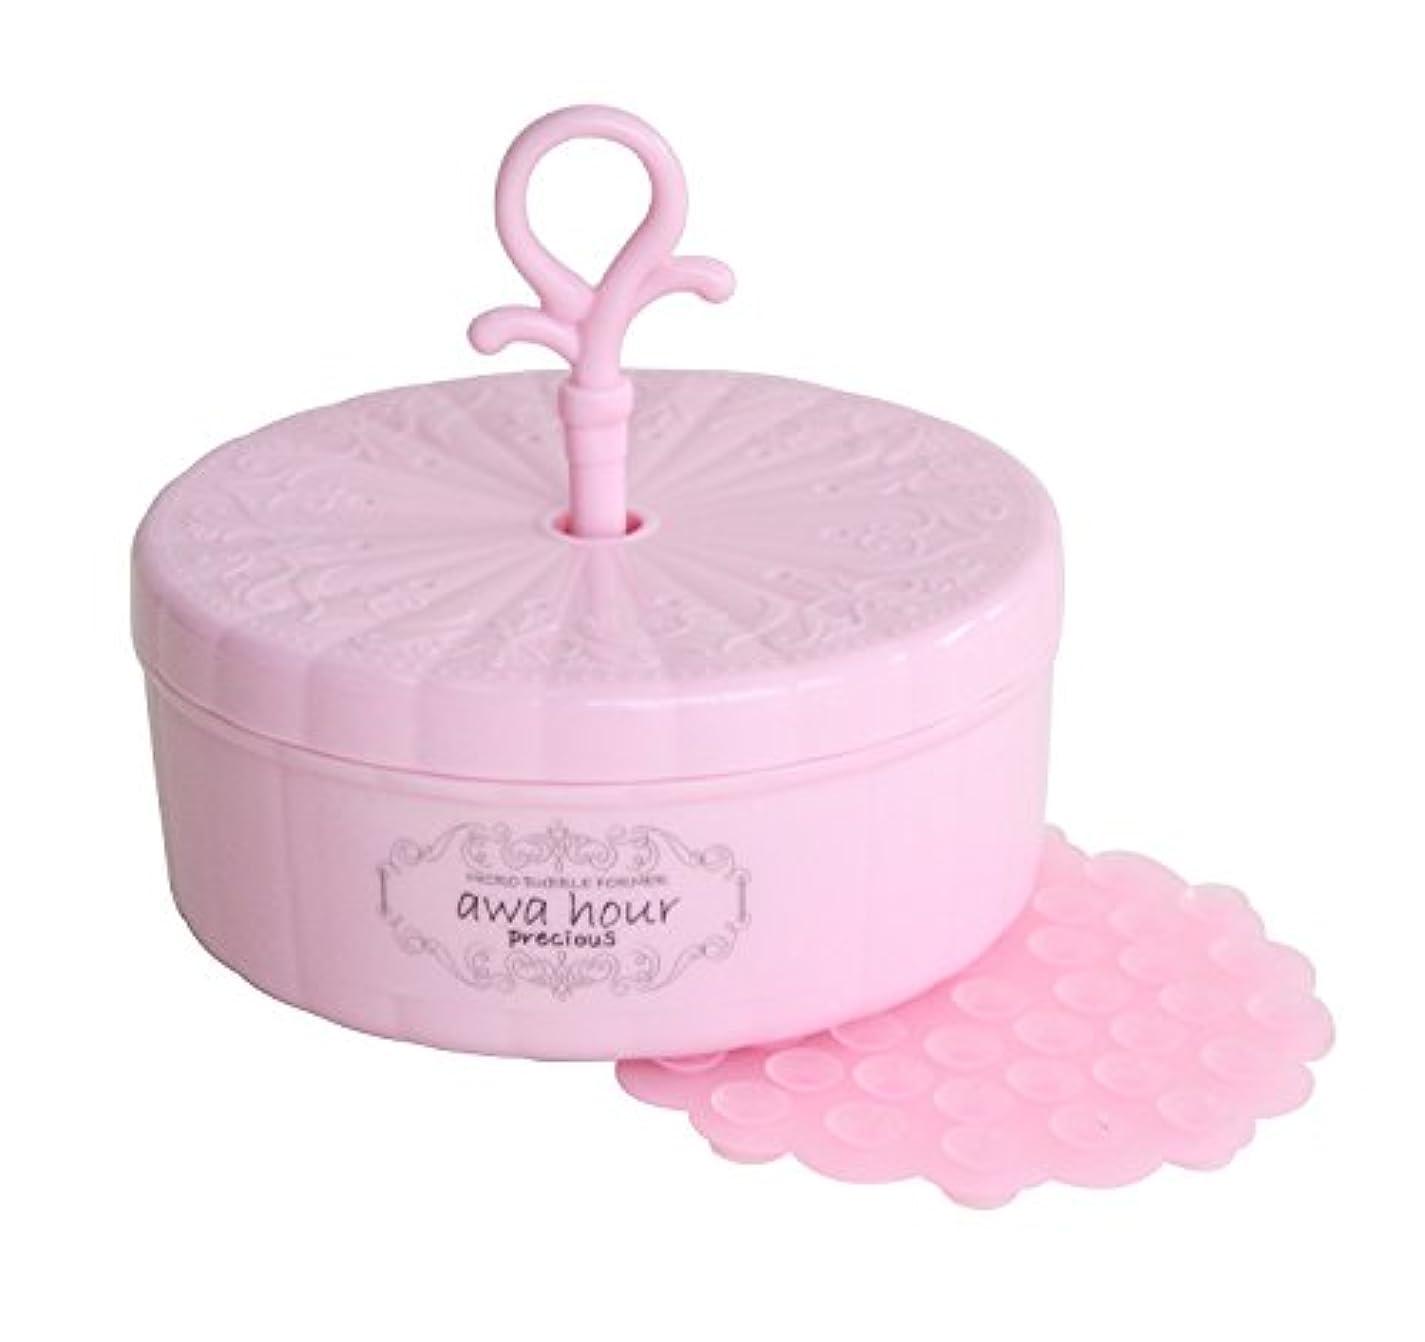 聴く最初にベース富士 awahourあわわpreciousプレシャス ピンク 1個